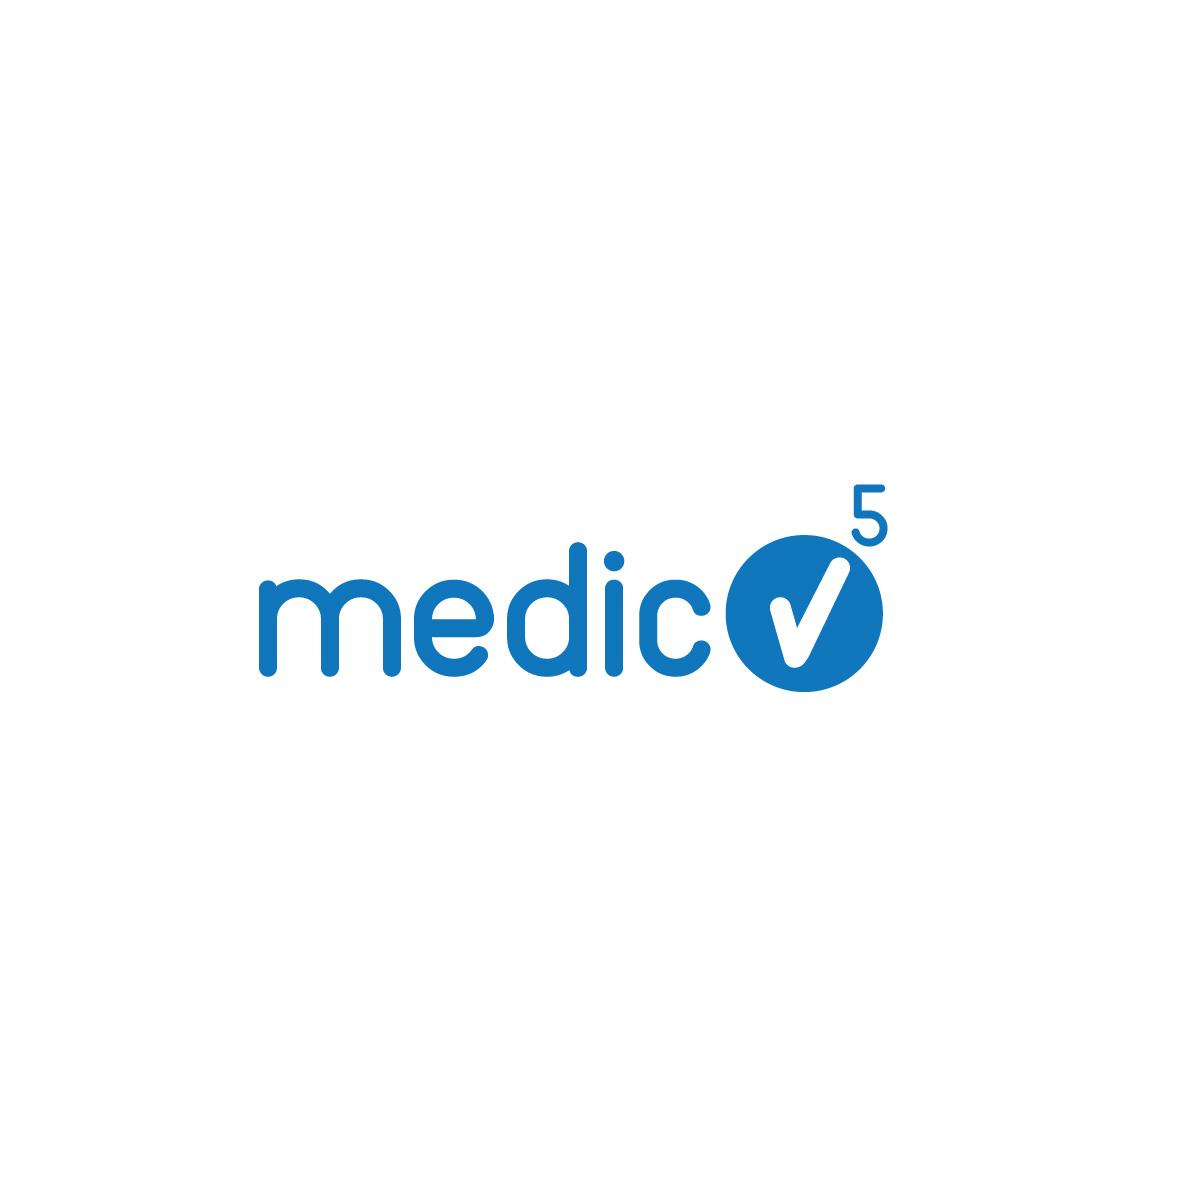 Готовый логотип или эскиз (мед. тематика) фото f_05655b0a75a5a6fb.jpg